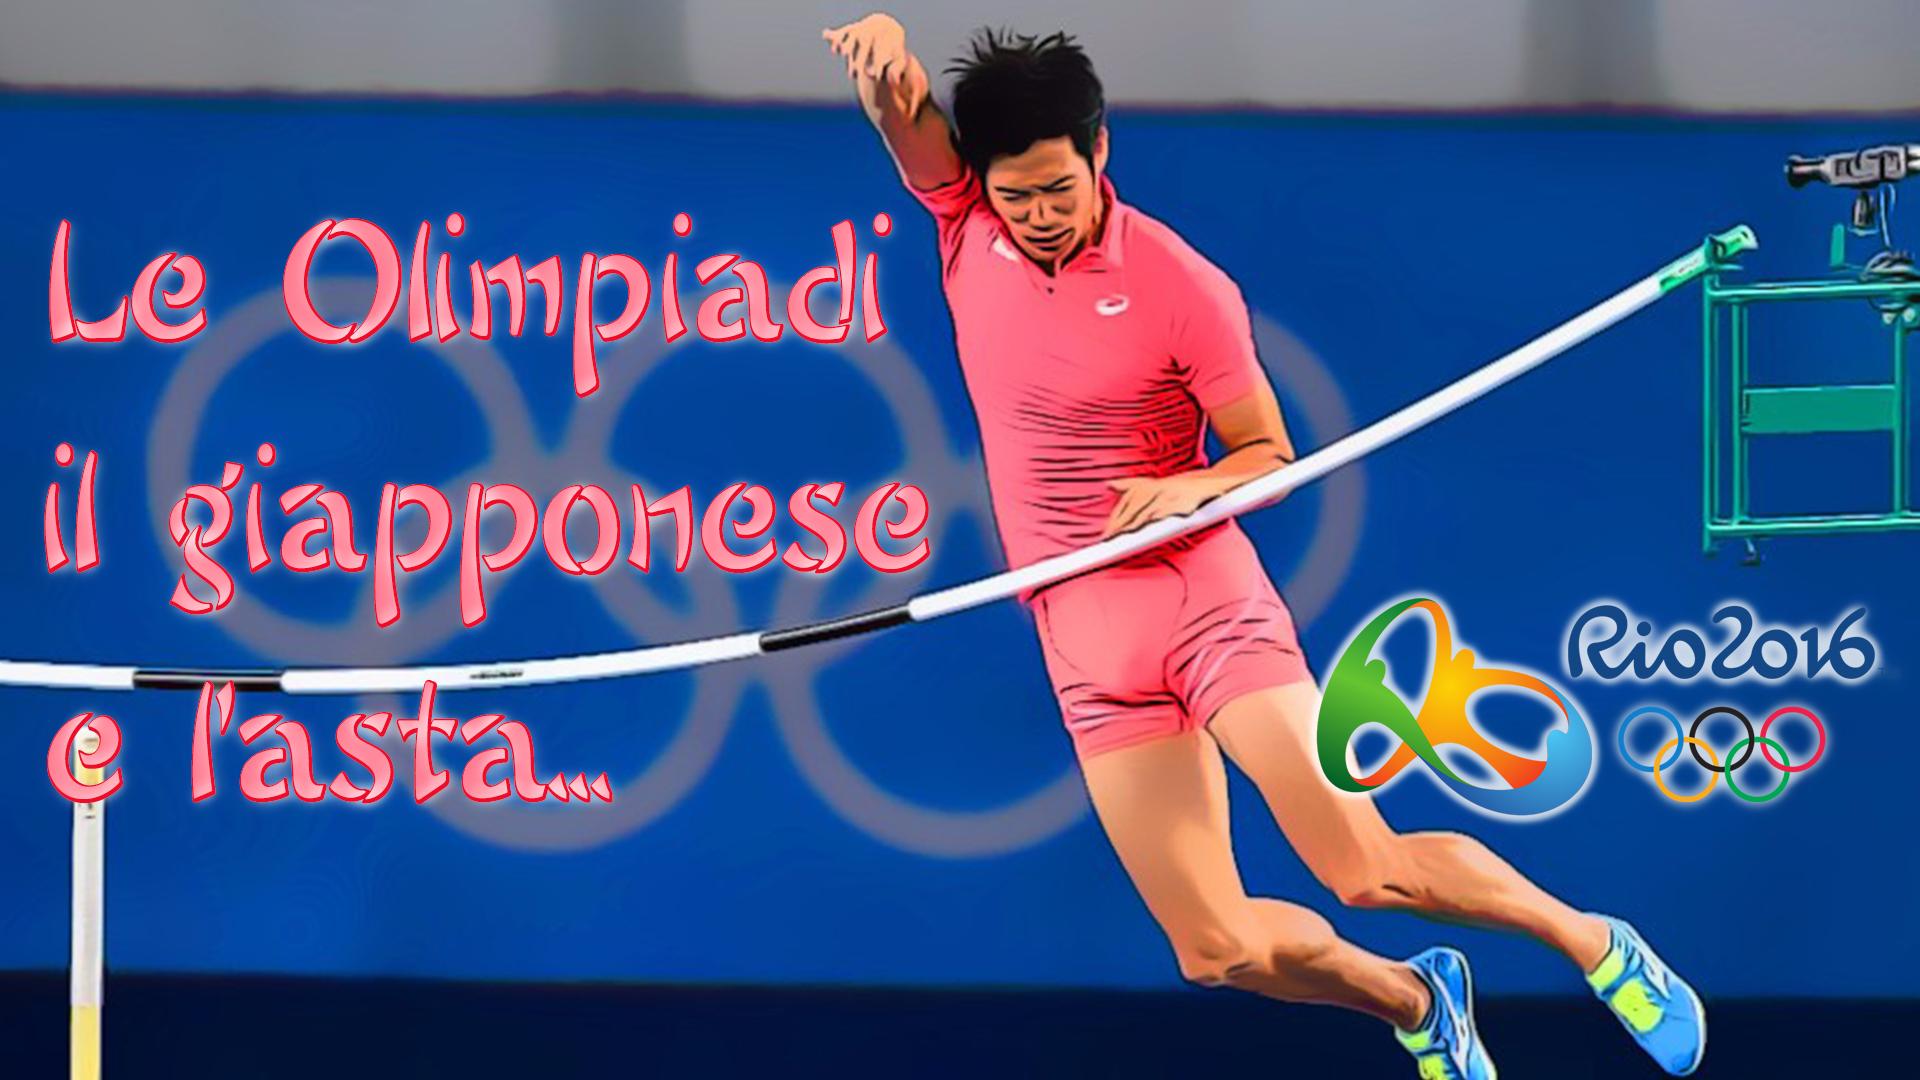 Le Olimpiadi, il giapponese e l'asta…